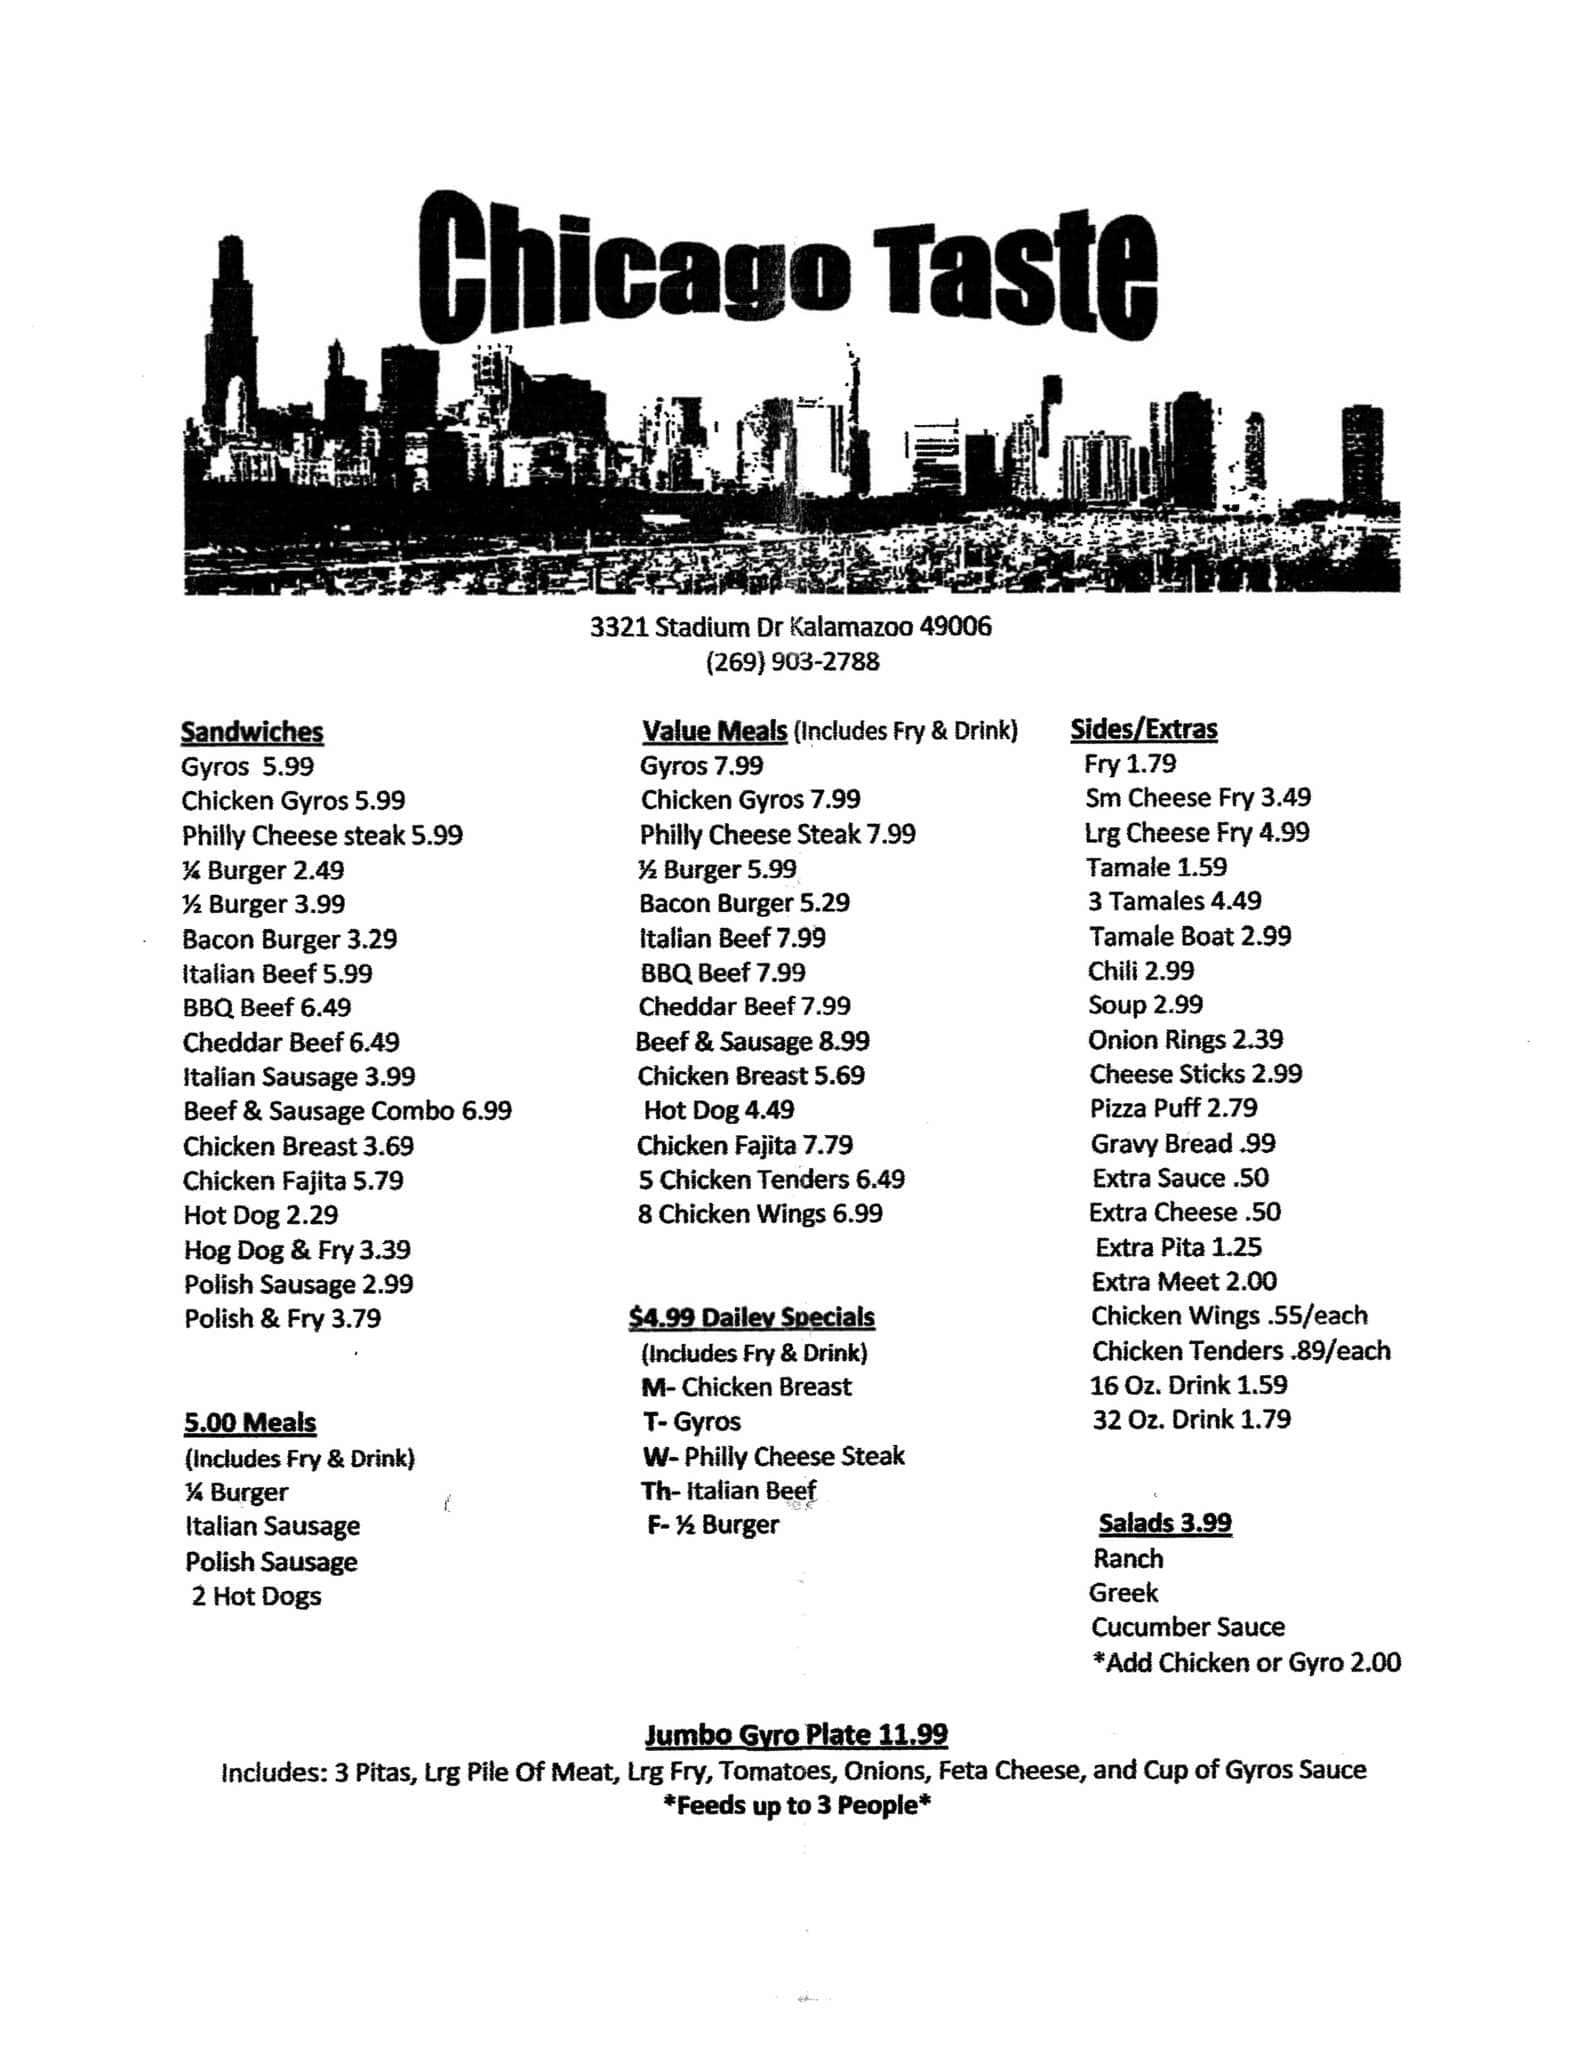 Chicago Taste Menu